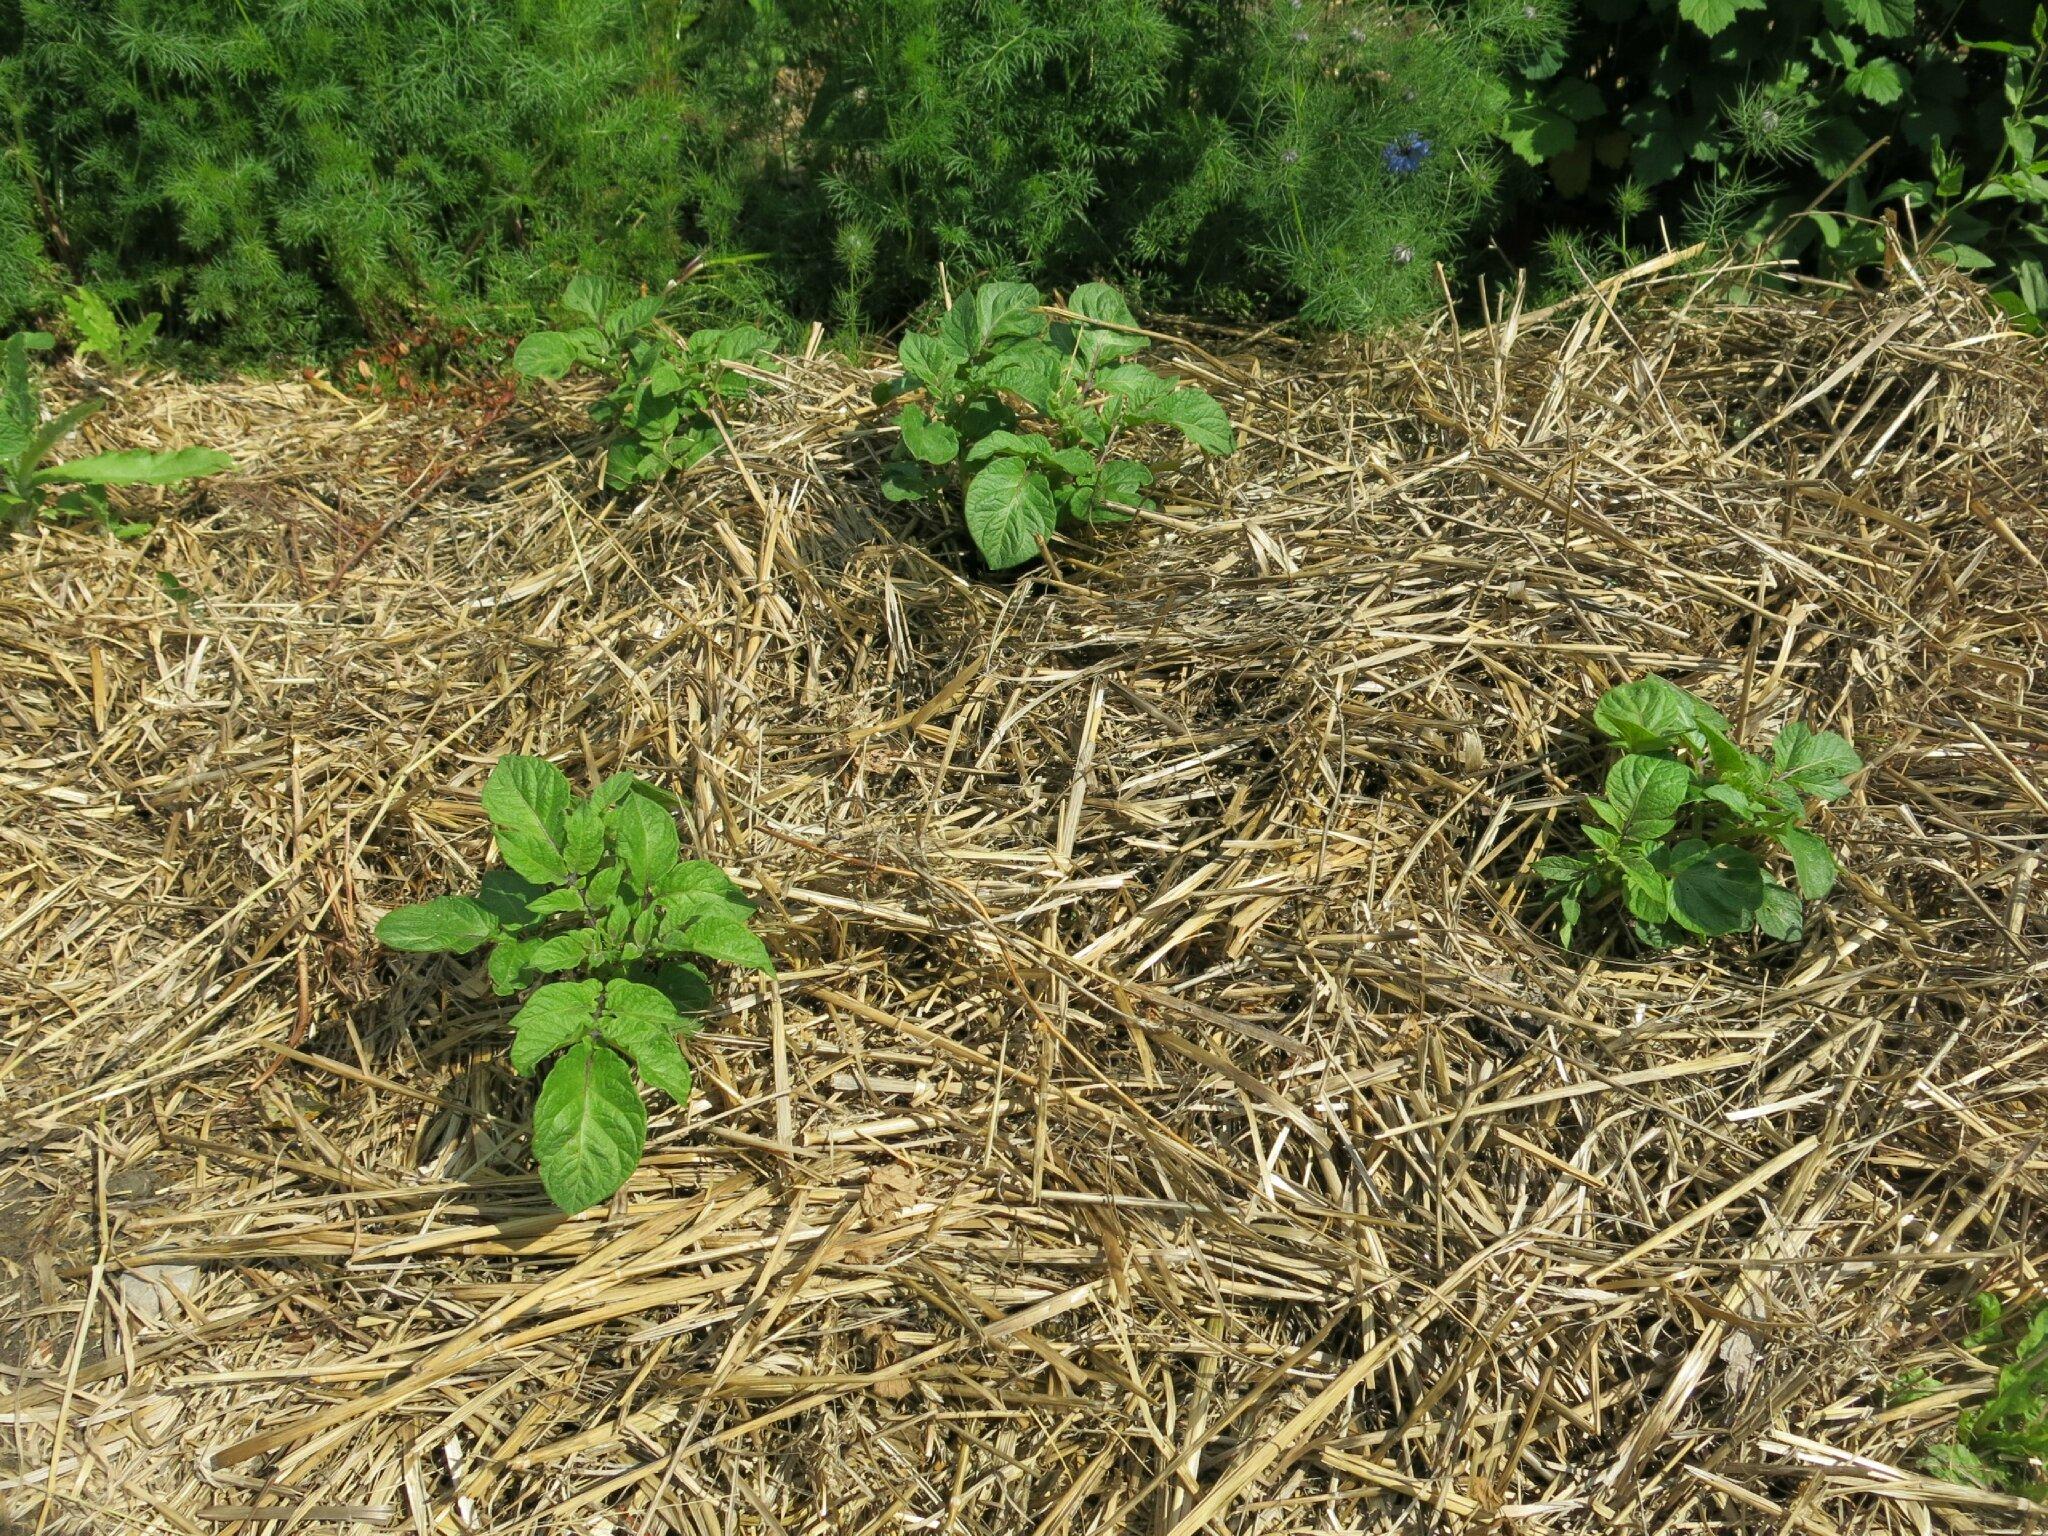 News du jardin le concombre masqu jardinier - Pomme de terre sous paille ...